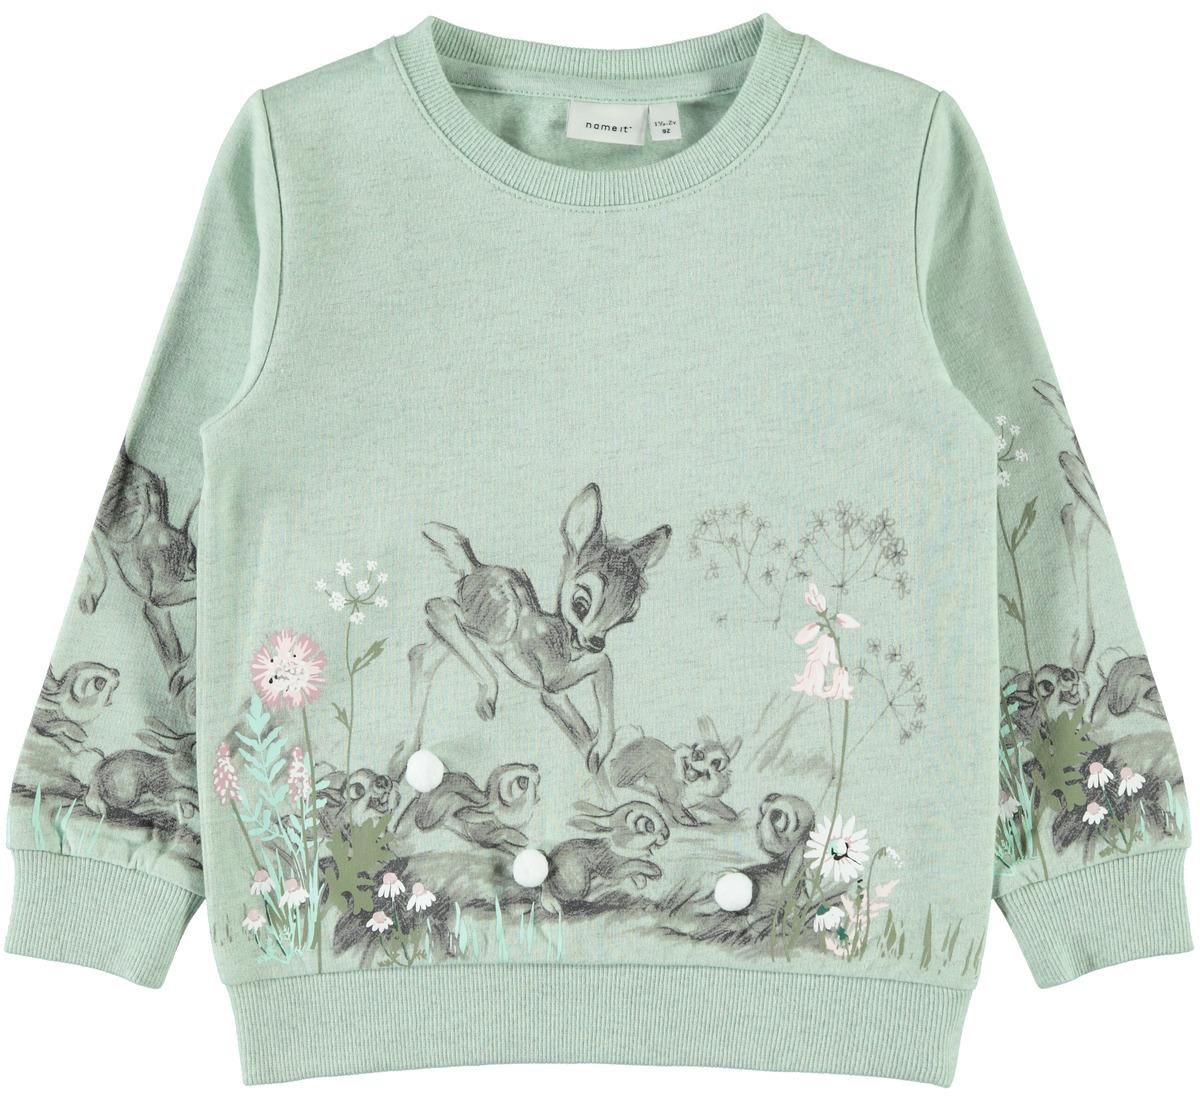 381a1671 Name It Bambi genser, grønn – Name It mintgrønn genser med Bambi – Mio Trend